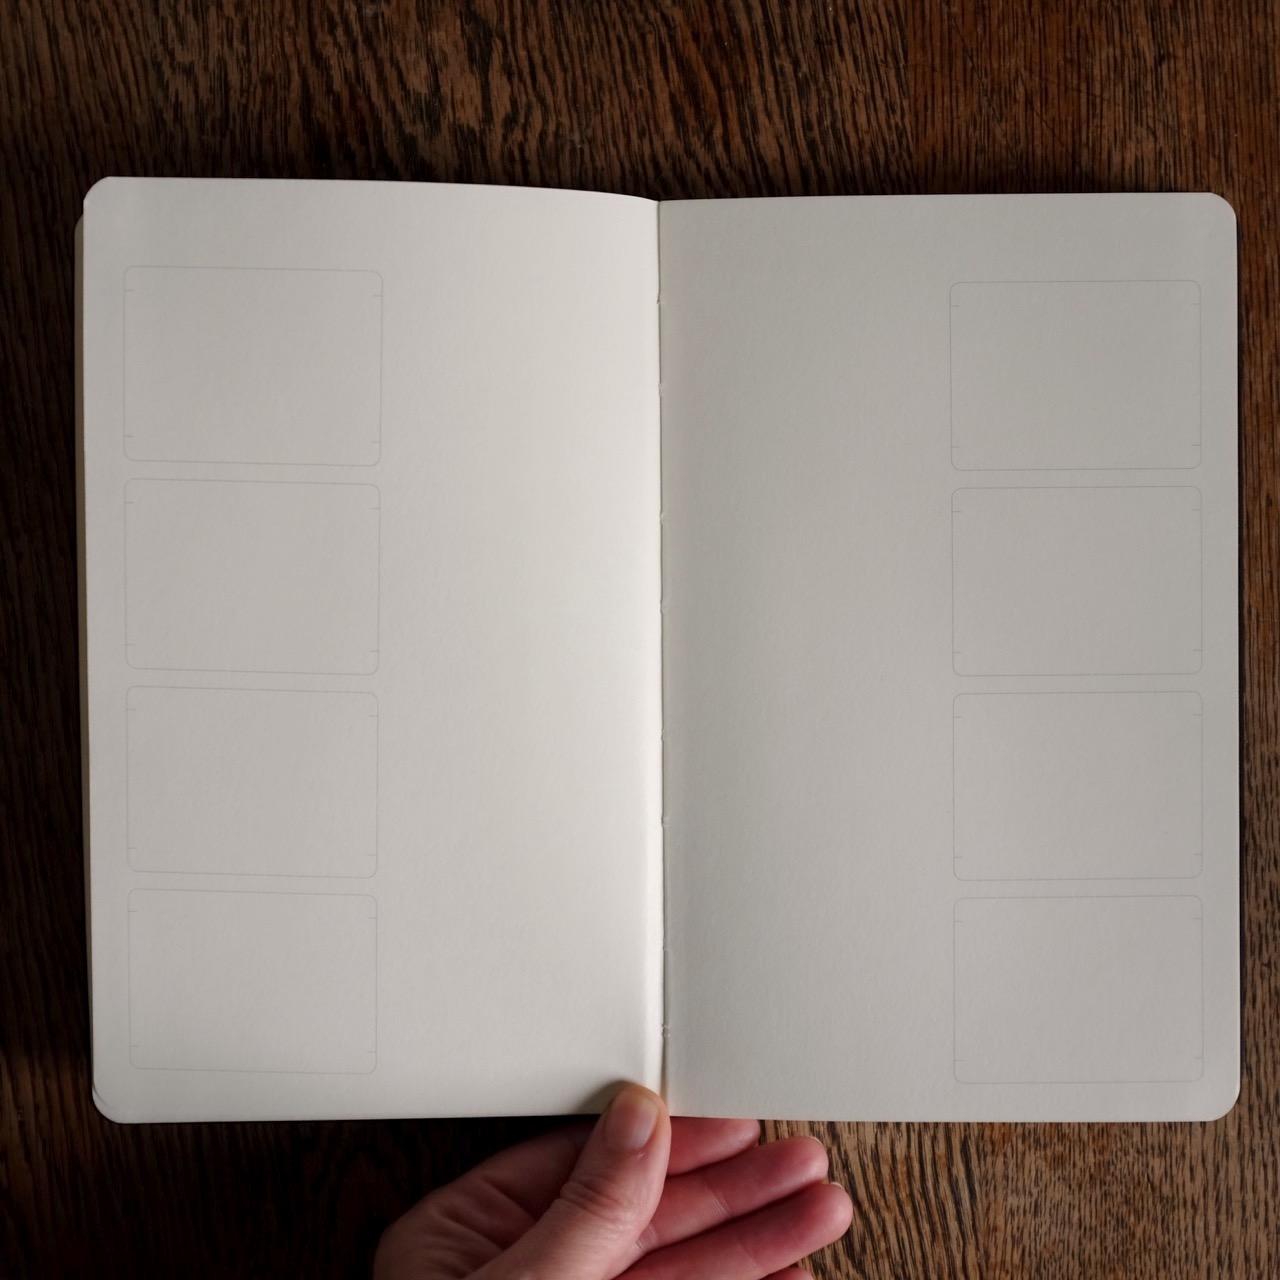 Storyboard Moleskine Notebook DSCF5226.jpg